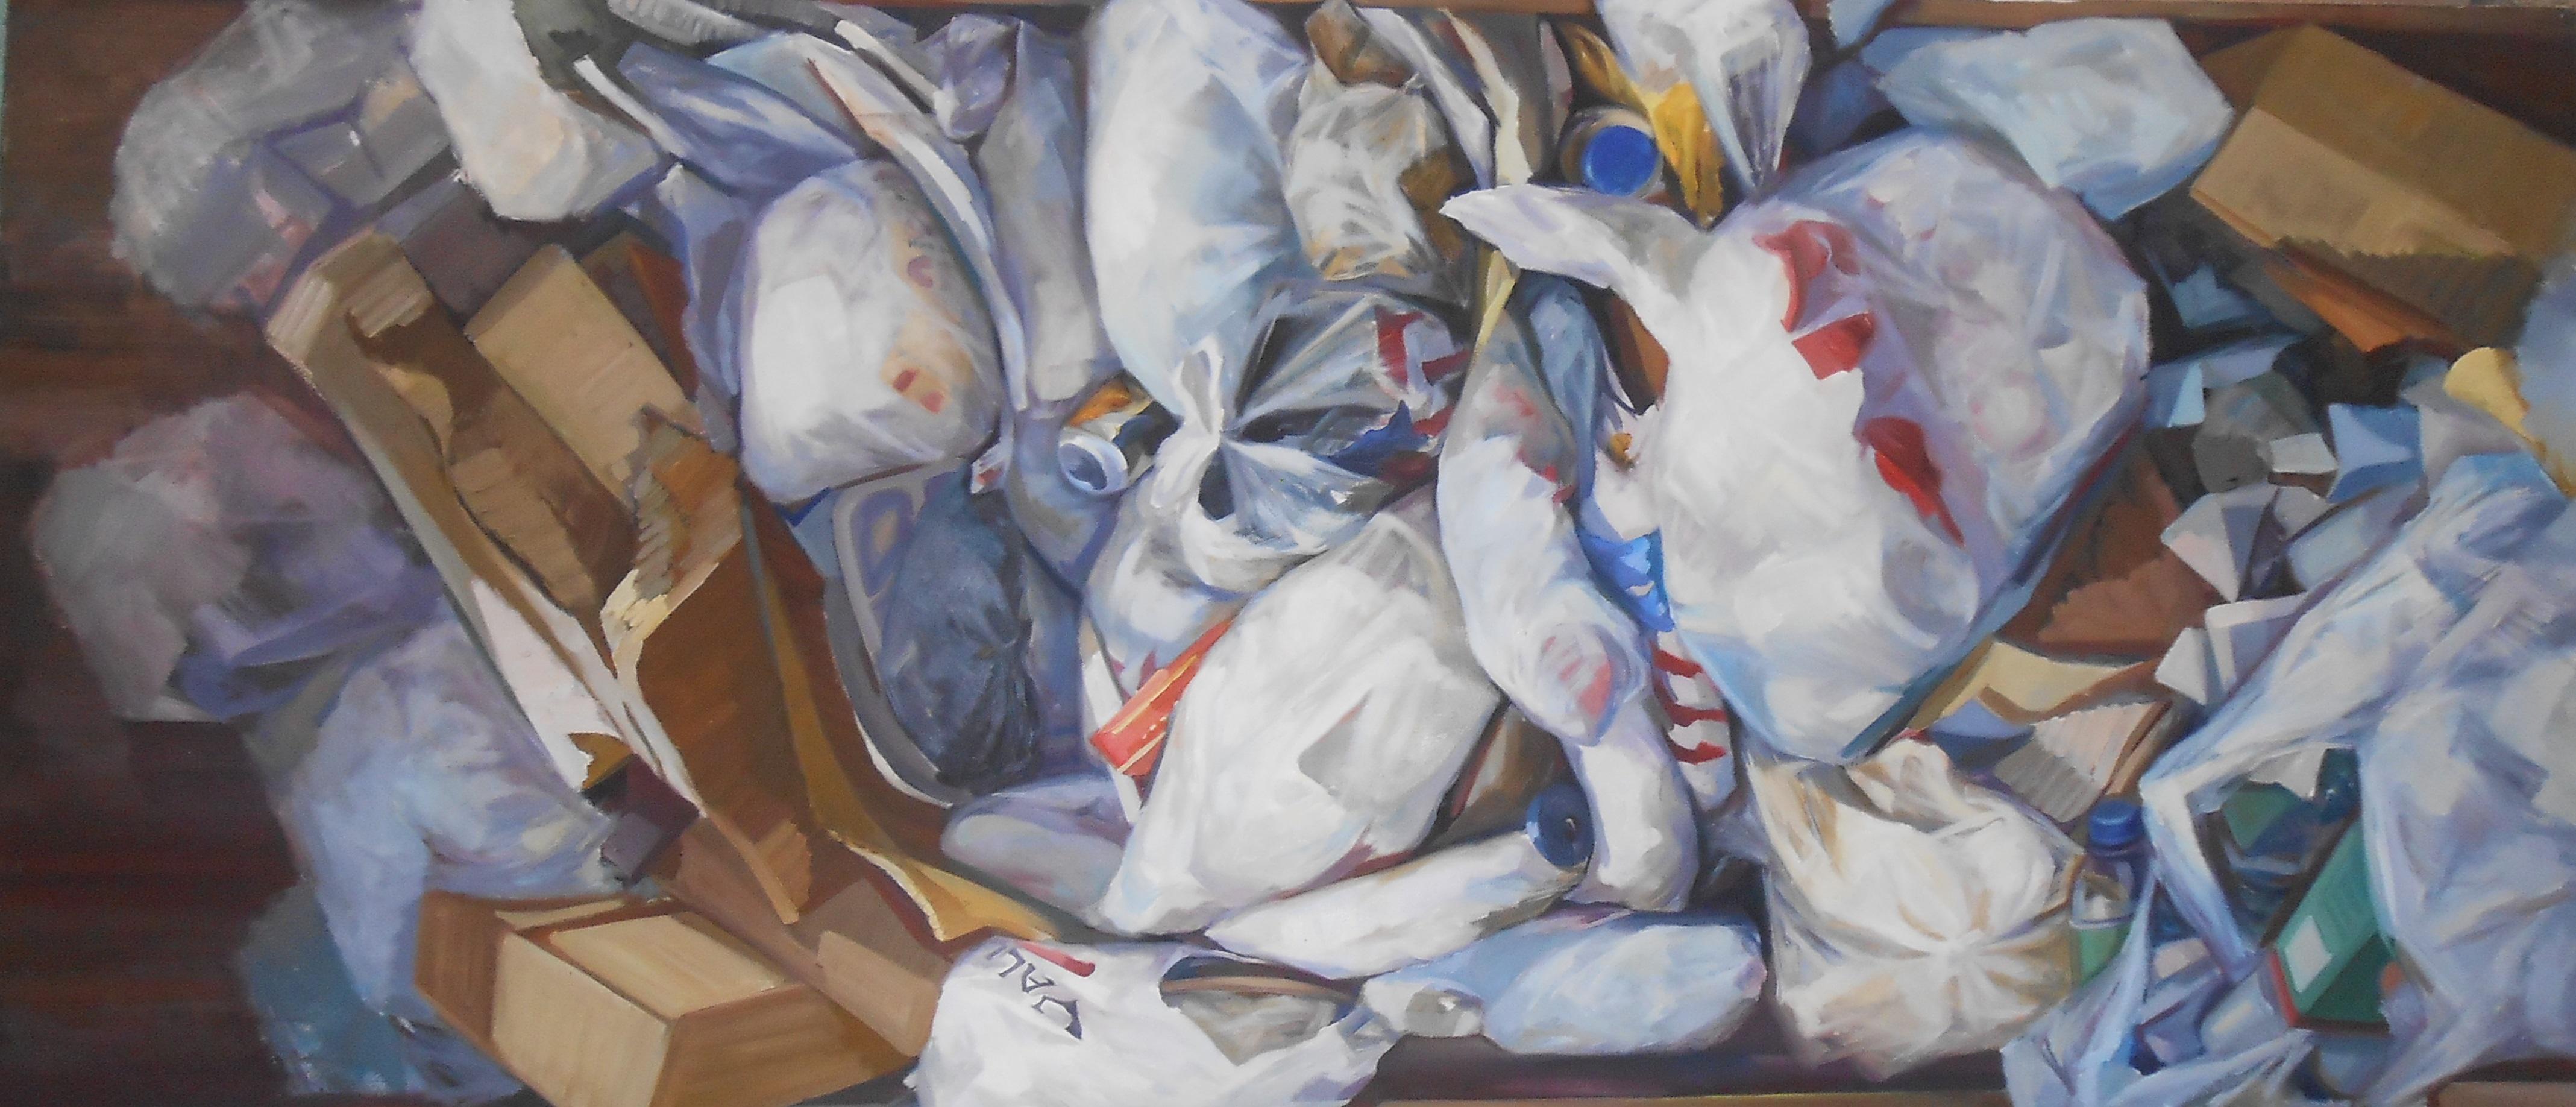 Luzhen Qiu, Garbage IV